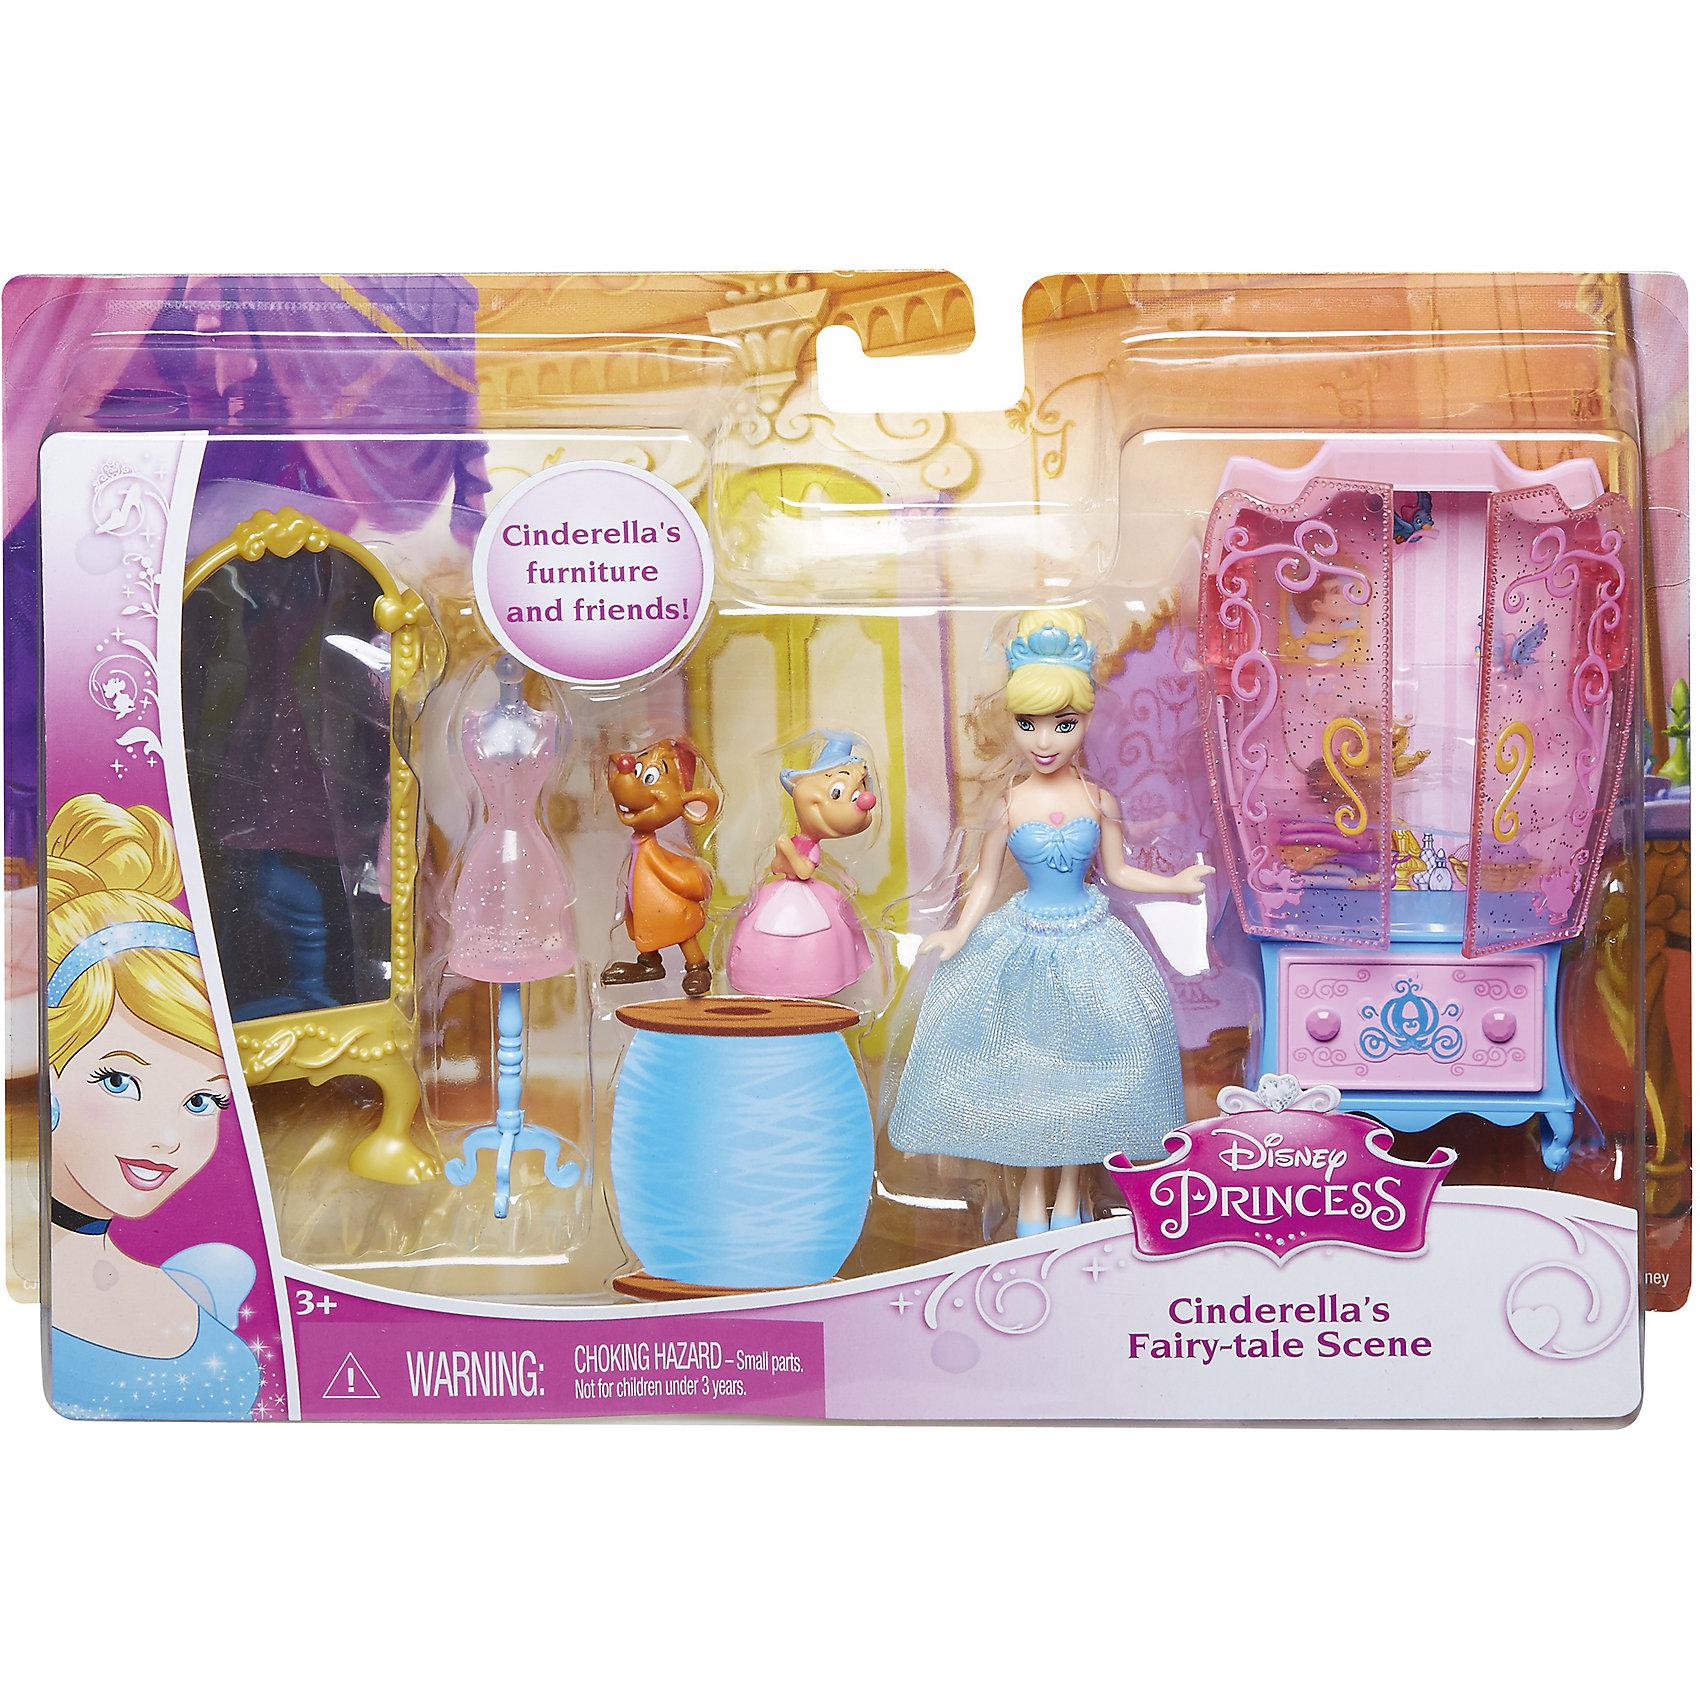 Кукла Золушка с аксессуарами, Принцессы ДиснейИгрушки<br>Кукла Золушка с аксессуарами, Disney Princess – это отличный подарок для вашей девочки!<br>Набор с мини-куклой придется по вкусу маленьким принцессам. В комплекте любимая героиня, набор мебели и ее верные друзья. Кукла в точности повторяет внешность героини мультфильма Золушка. У куклы двигаются руки, ноги, голова.<br><br>Дополнительная информация:<br><br>- В наборе: мини-кукла Золушка, 2 фигурки мышат, аксессуары для игры<br>- Материал: высококачественный пластик<br>- Высота куклы: 9 см.<br>- Размер упаковки: 250x50x170 мм.<br>- Вес: 300 гр.<br><br>Куклу Золушка с аксессуарами, Disney Princess можно купить в нашем интернет-магазине.<br><br>Ширина мм: 250<br>Глубина мм: 50<br>Высота мм: 170<br>Вес г: 300<br>Возраст от месяцев: 36<br>Возраст до месяцев: 108<br>Пол: Женский<br>Возраст: Детский<br>SKU: 4060353